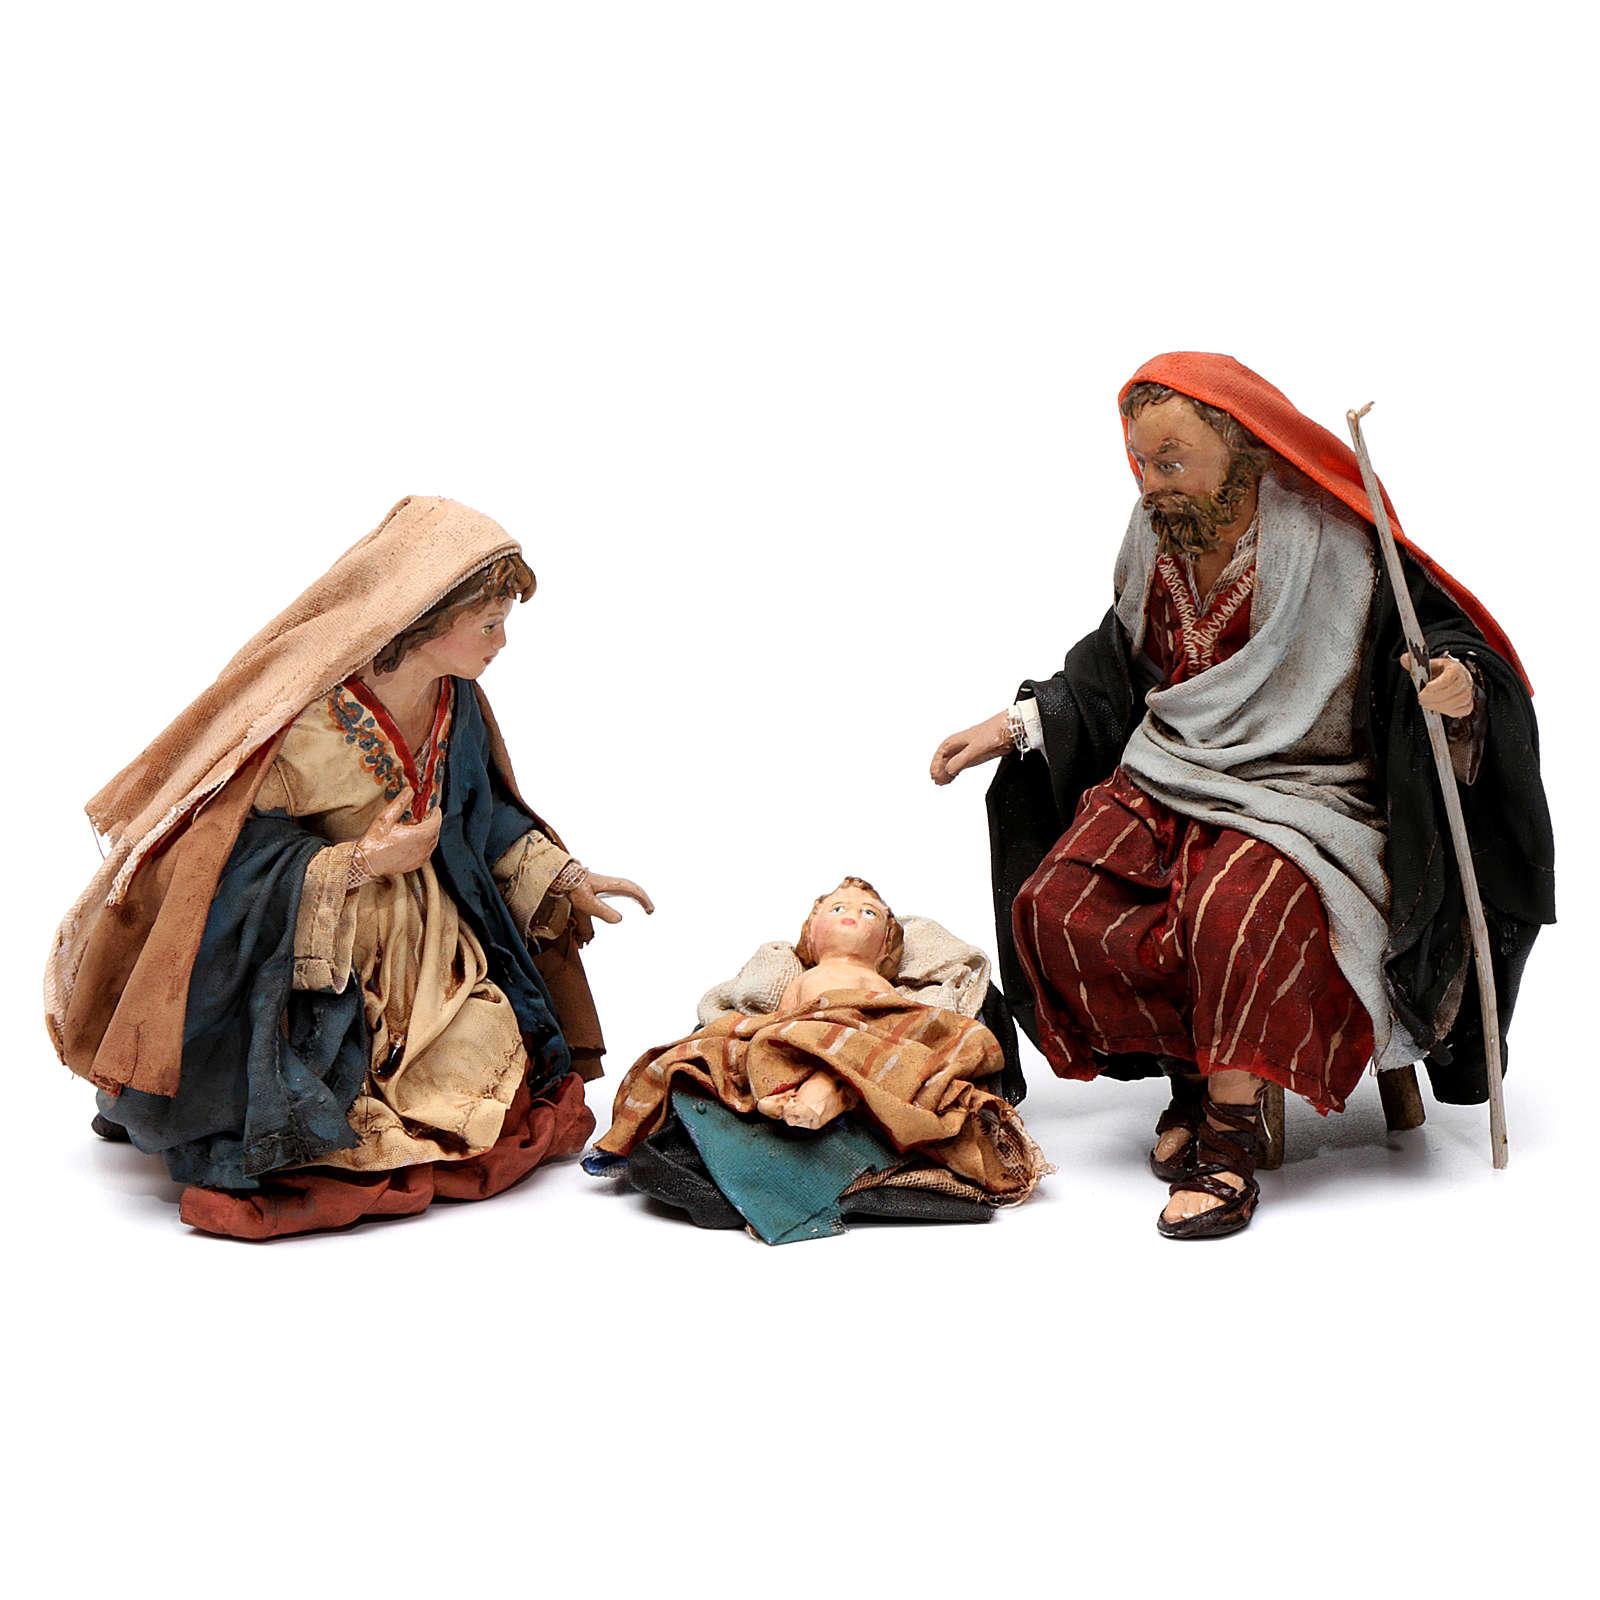 Holy Family Angela Tripi figurines 13 cm 4